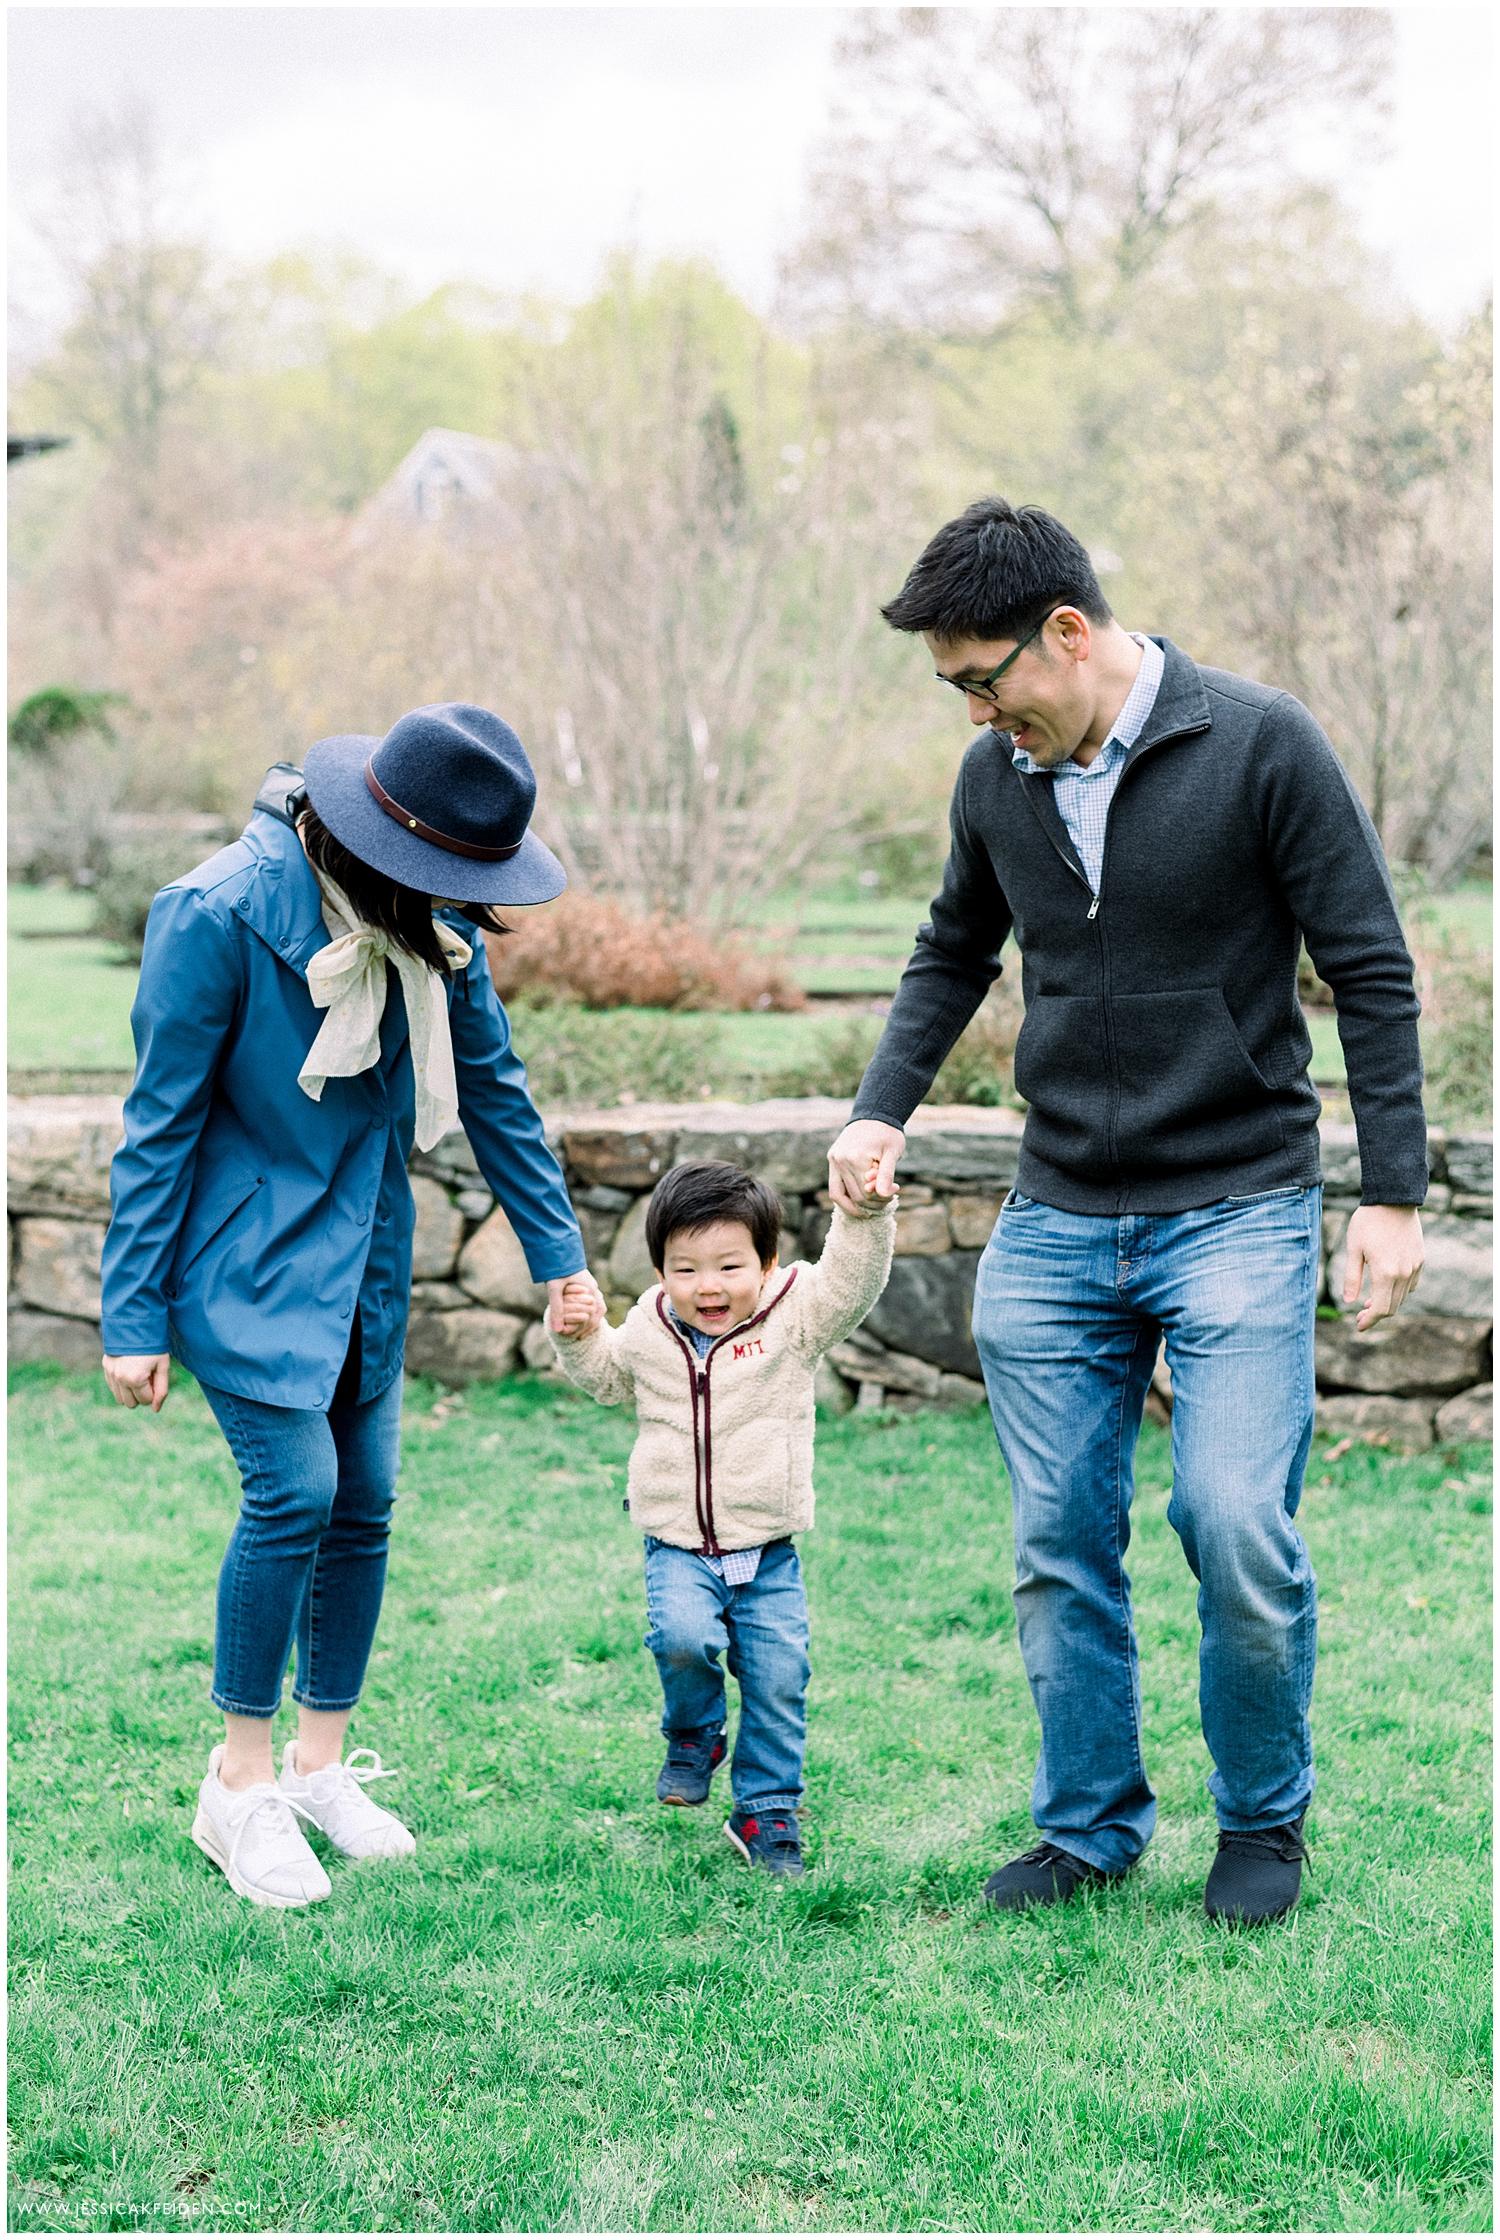 Jessica K Feiden Photography_Arnold Arboretum Spring Family Portrait Session Photographer_0006.jpg